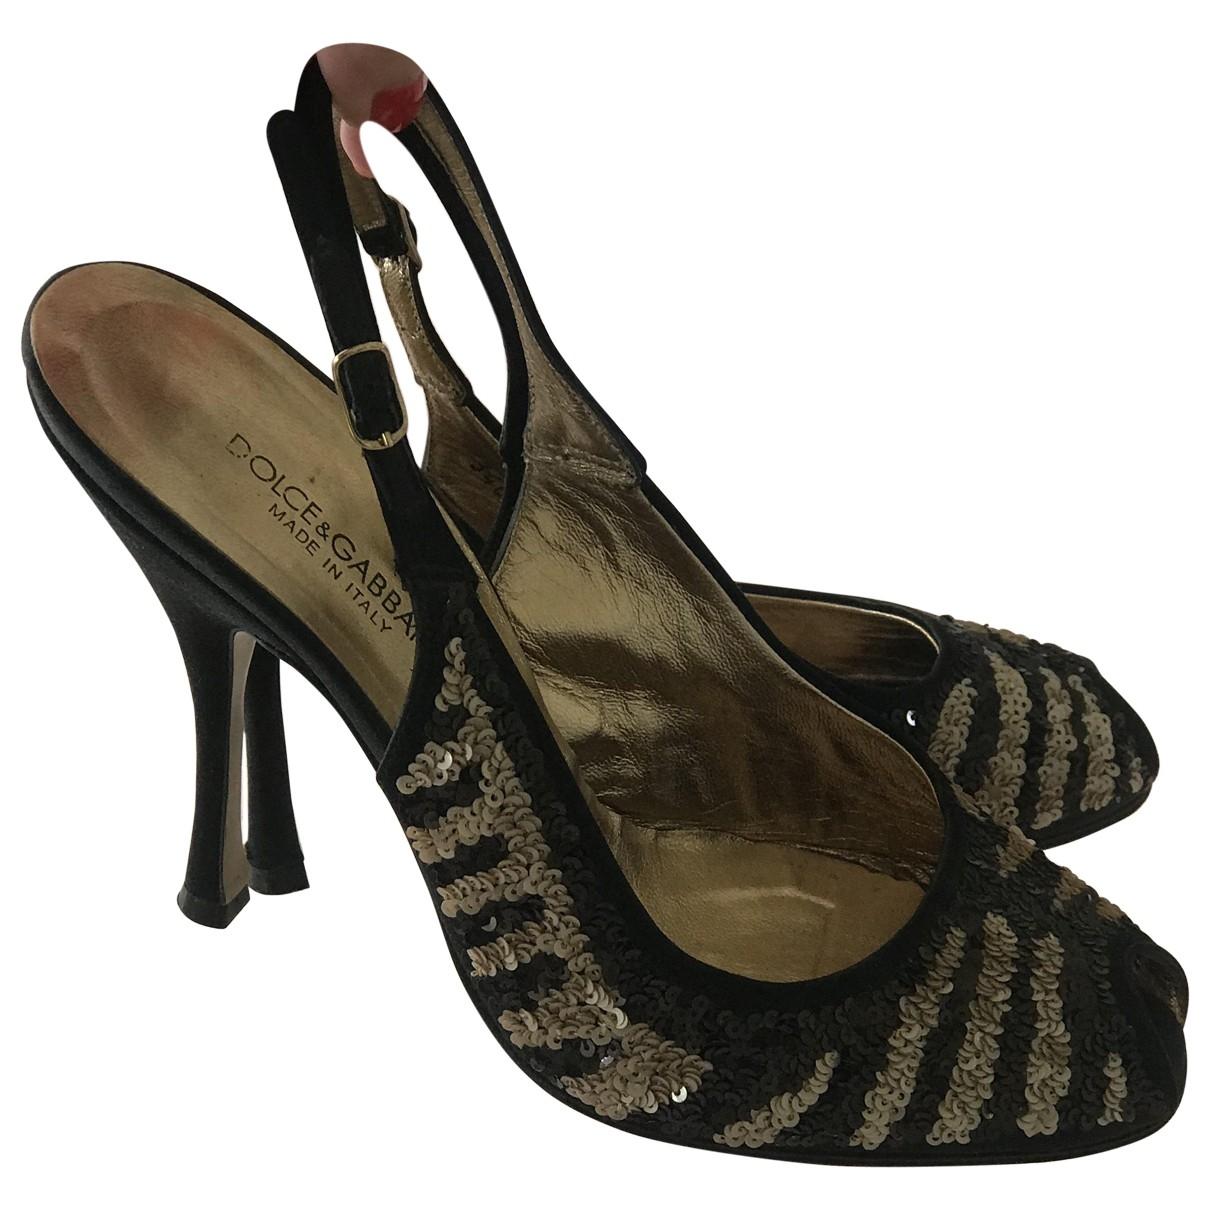 Dolce & Gabbana - Escarpins   pour femme en a paillettes - noir